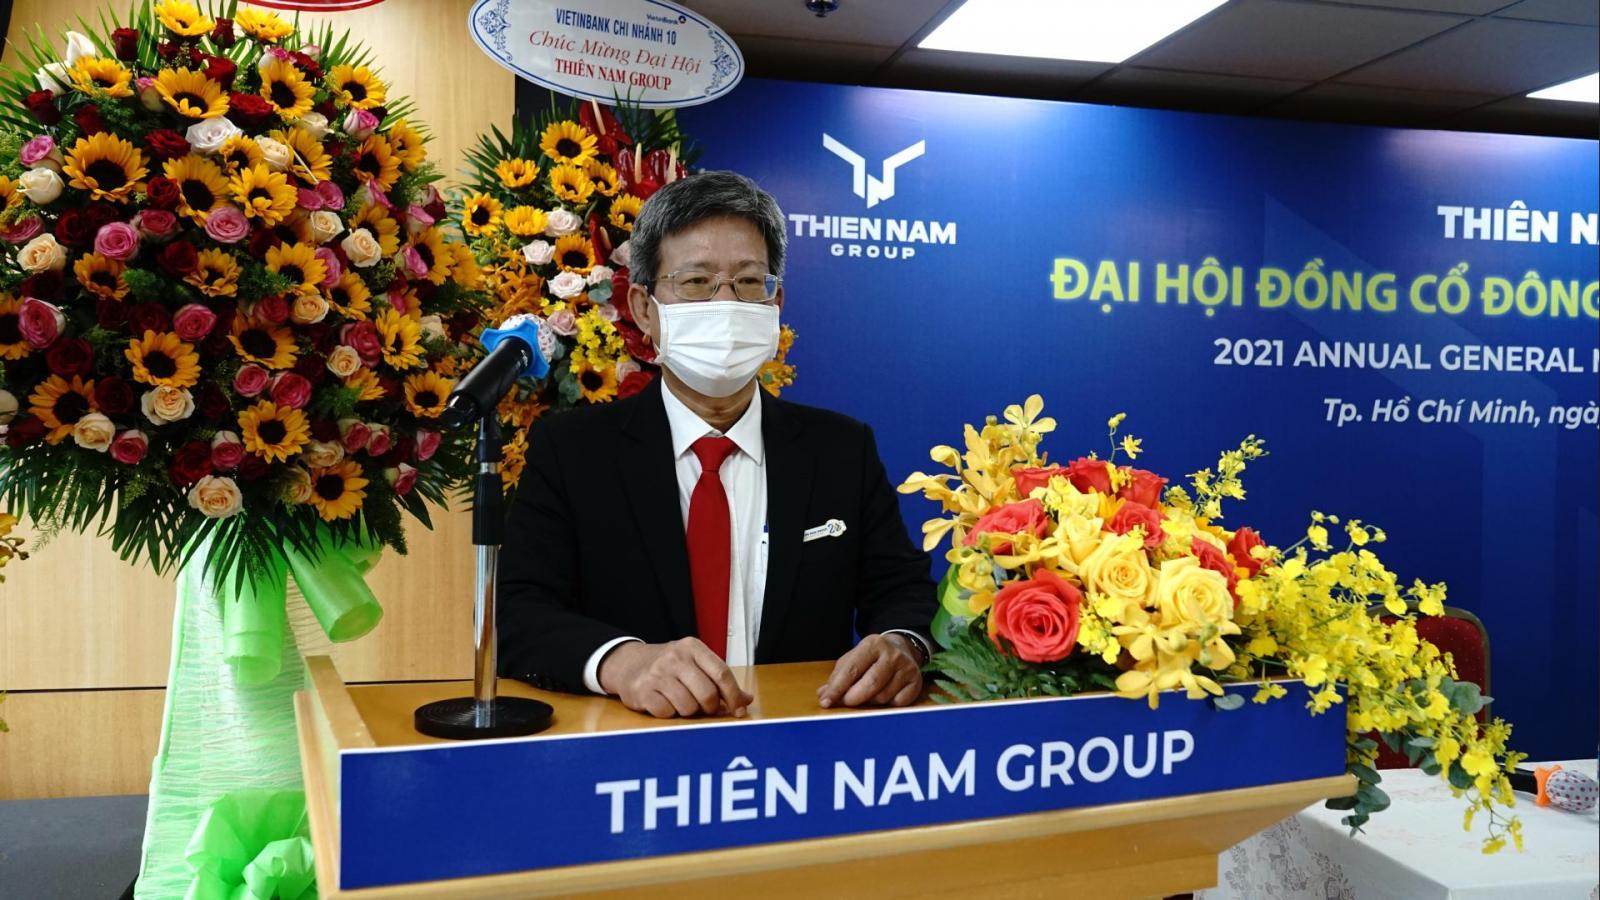 Ông Vương Quang Diệu thành viên Hội đồng Quản trị kiêm Tổng giám đốc Thiên Nam Group